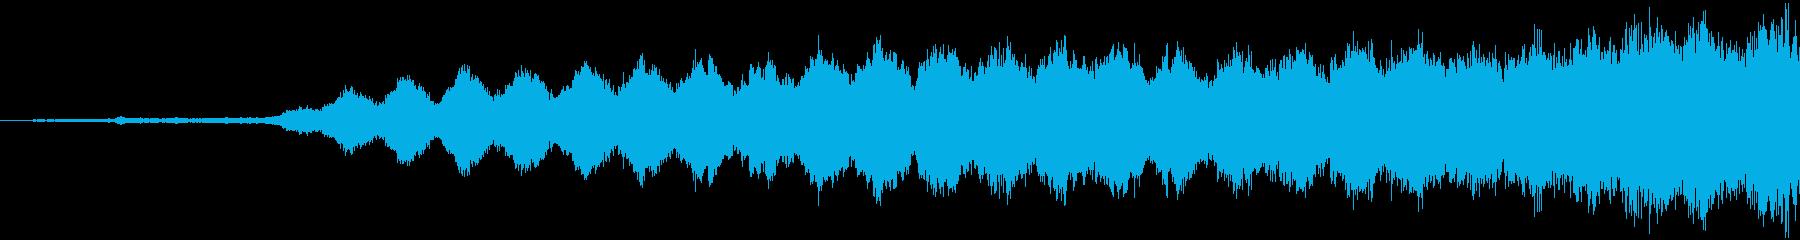 【映画演出】迫る危機感_ライザー_04の再生済みの波形